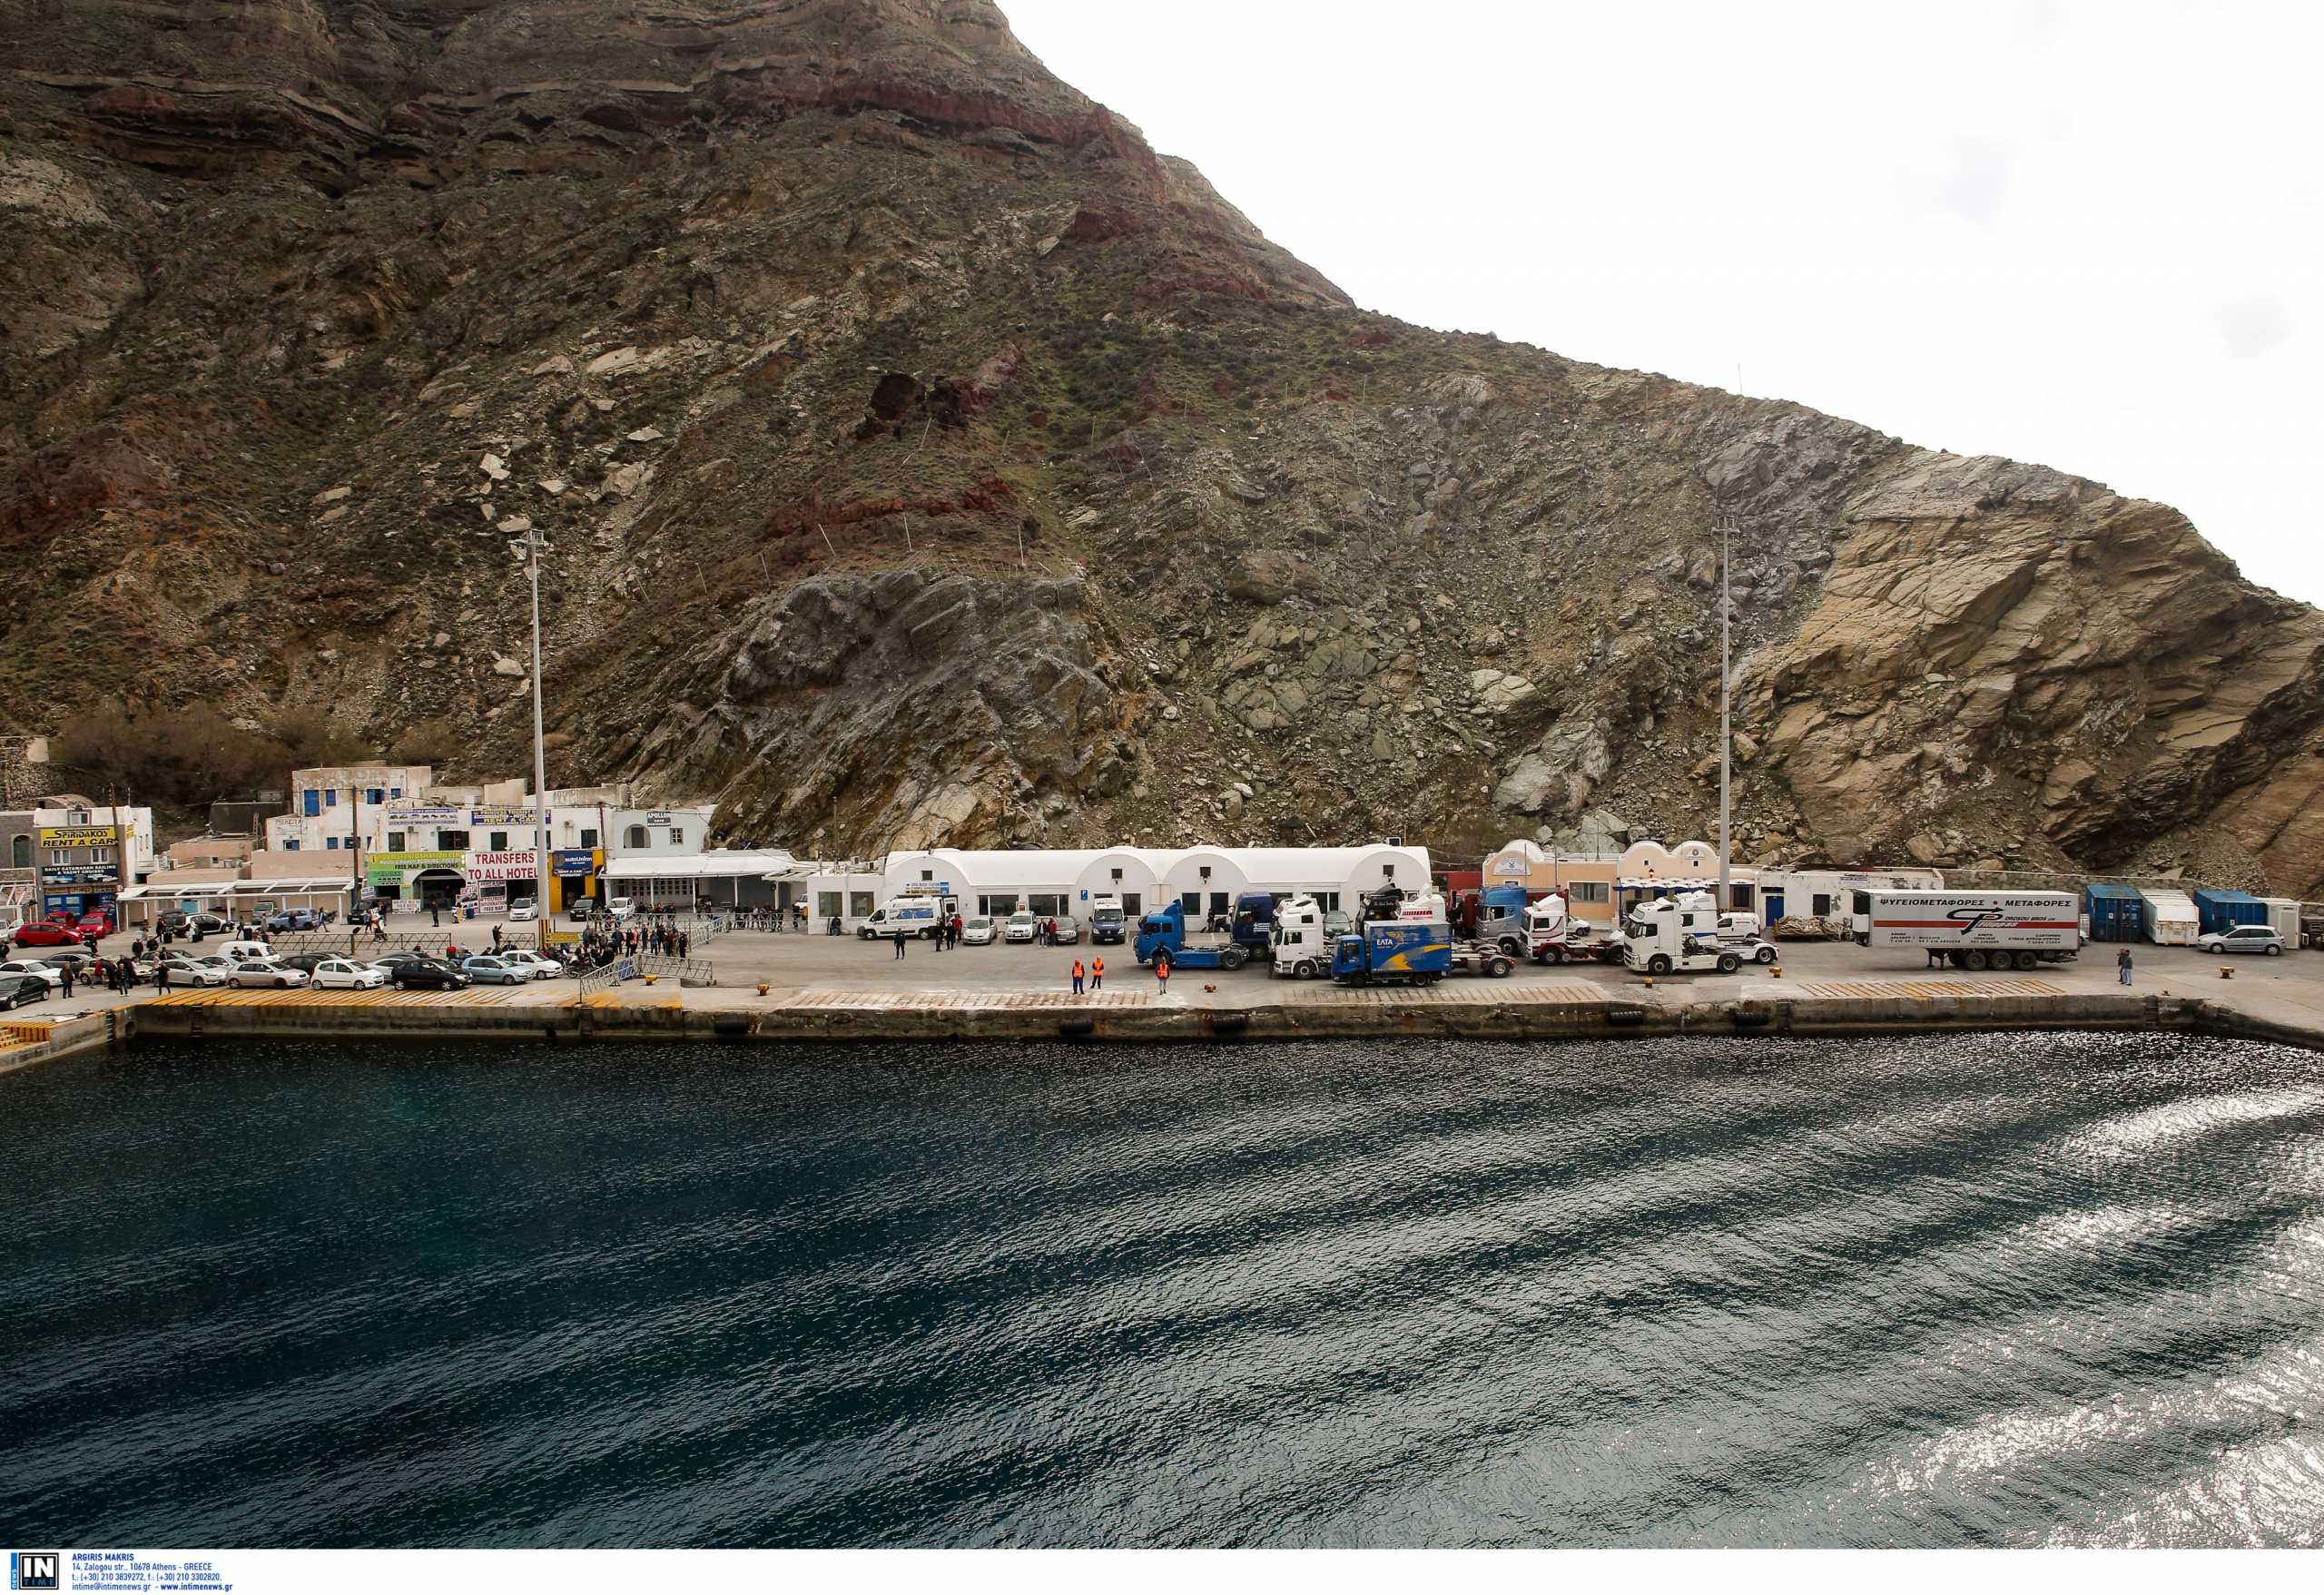 Σαντορίνη: Απαγορευτικό απόπλου σε πλοίο που έμπαζε νερά